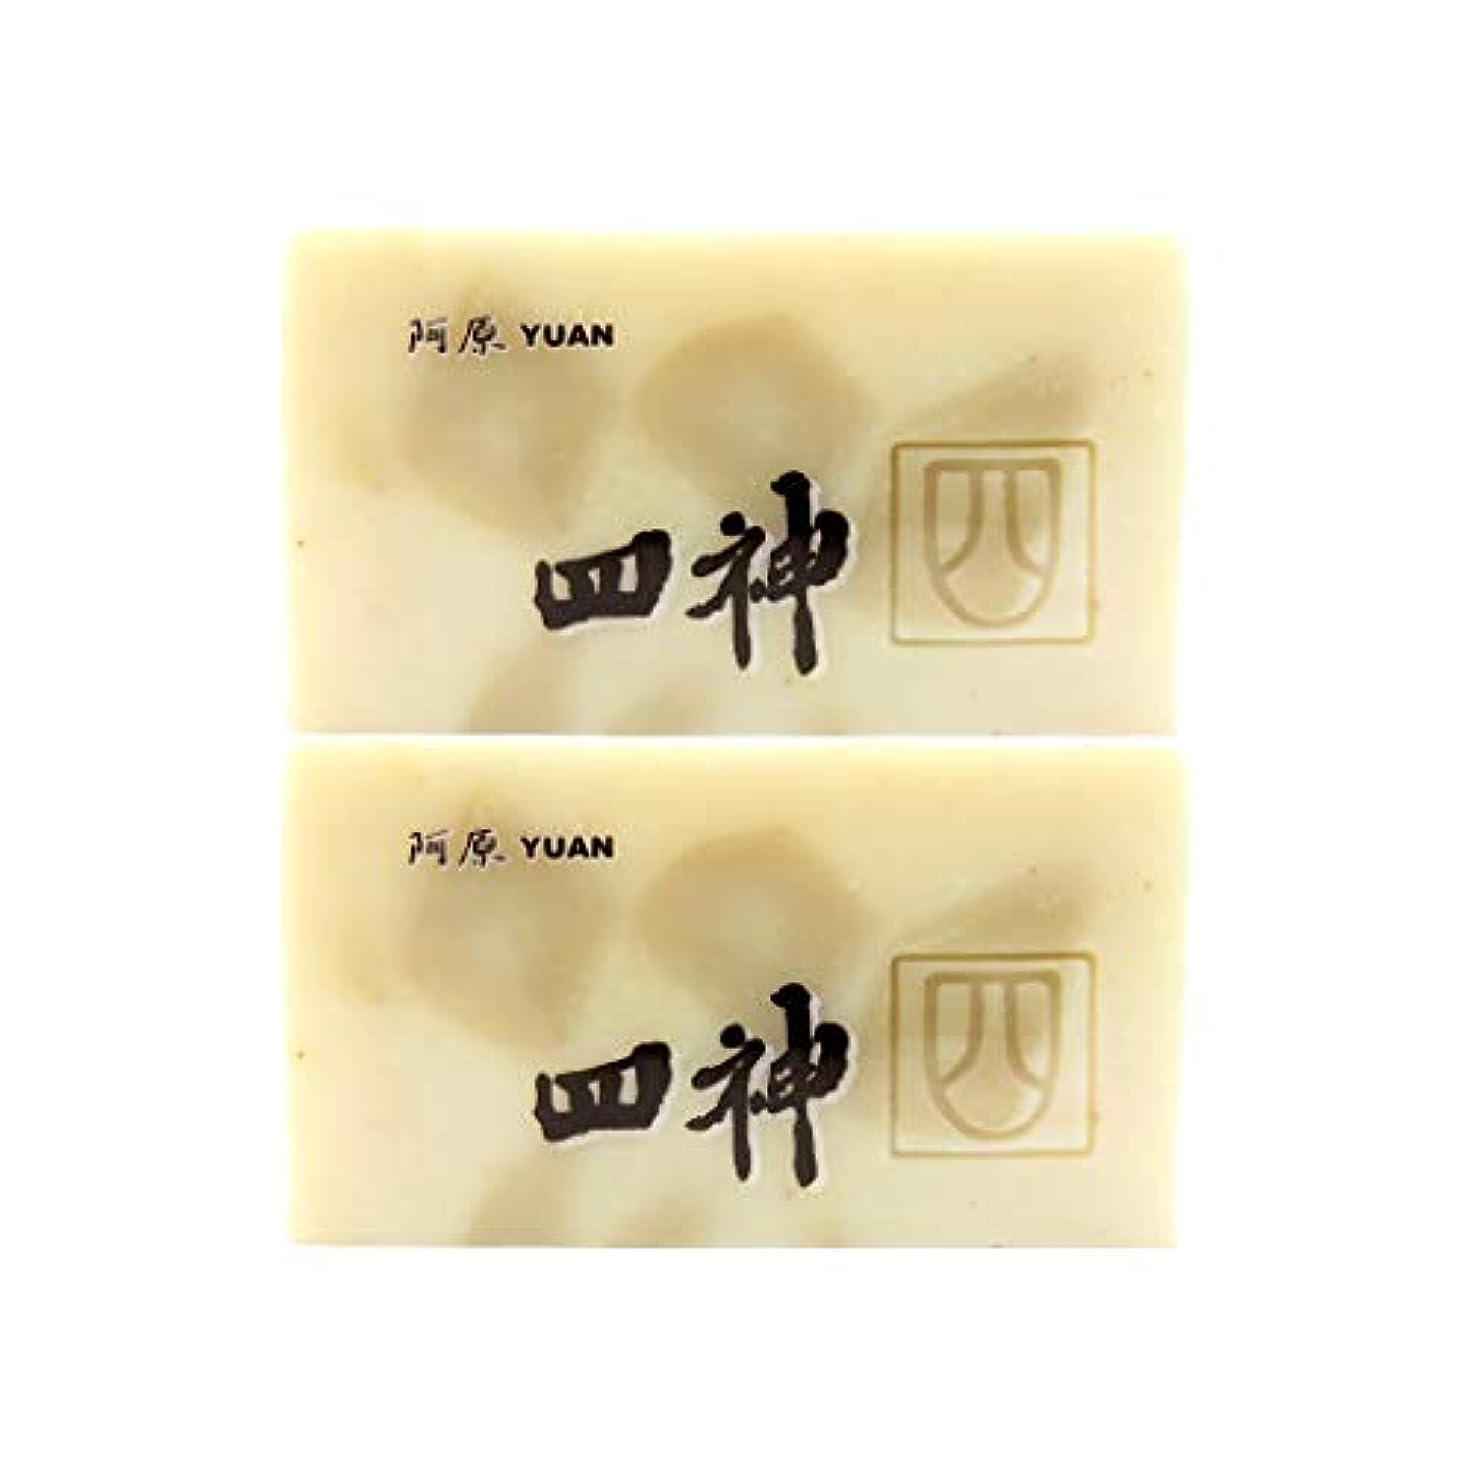 幽霊高架ペンユアン(YUAN) 四神ソープ 100g (2個セット)